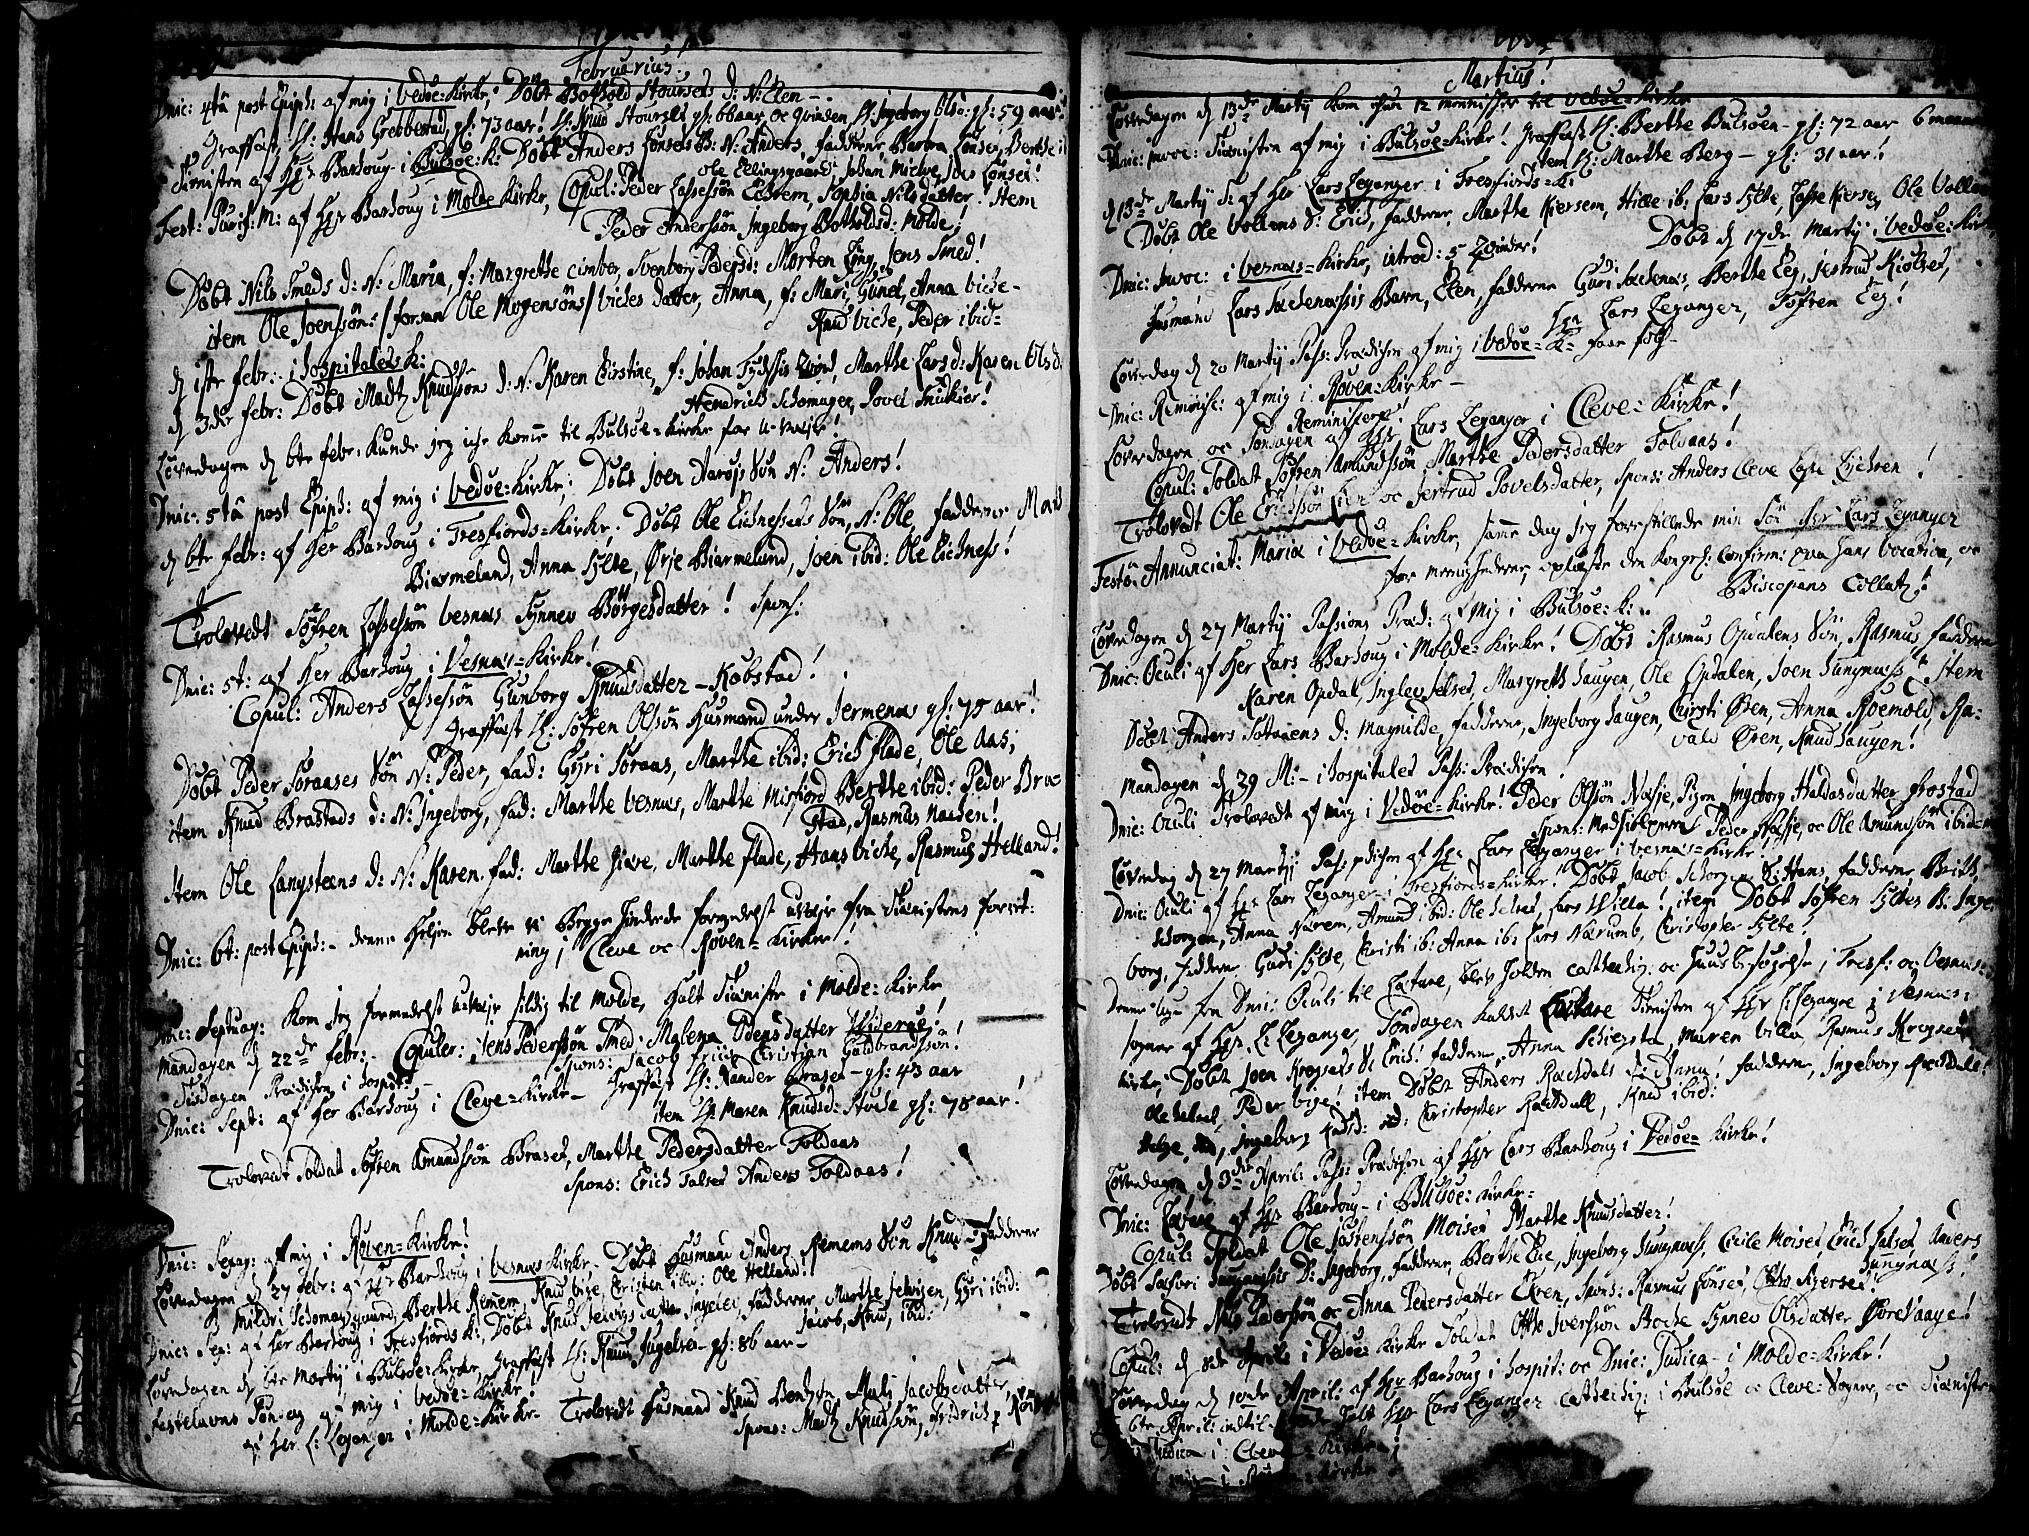 SAT, Ministerialprotokoller, klokkerbøker og fødselsregistre - Møre og Romsdal, 547/L0599: Ministerialbok nr. 547A01, 1721-1764, s. 142-143